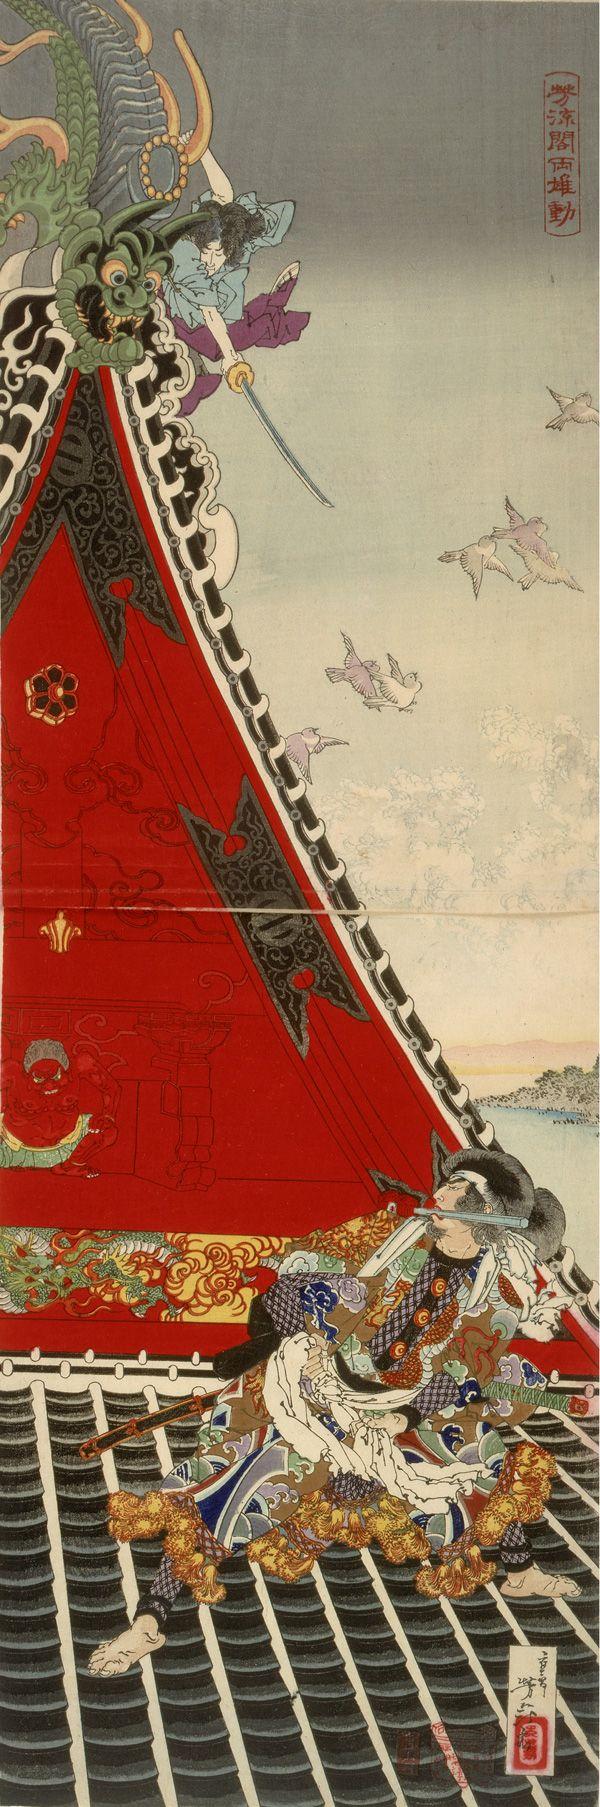 Two Heroes in Battle at Horyukaku, 1885 by Tsukioka Yoshitoshi